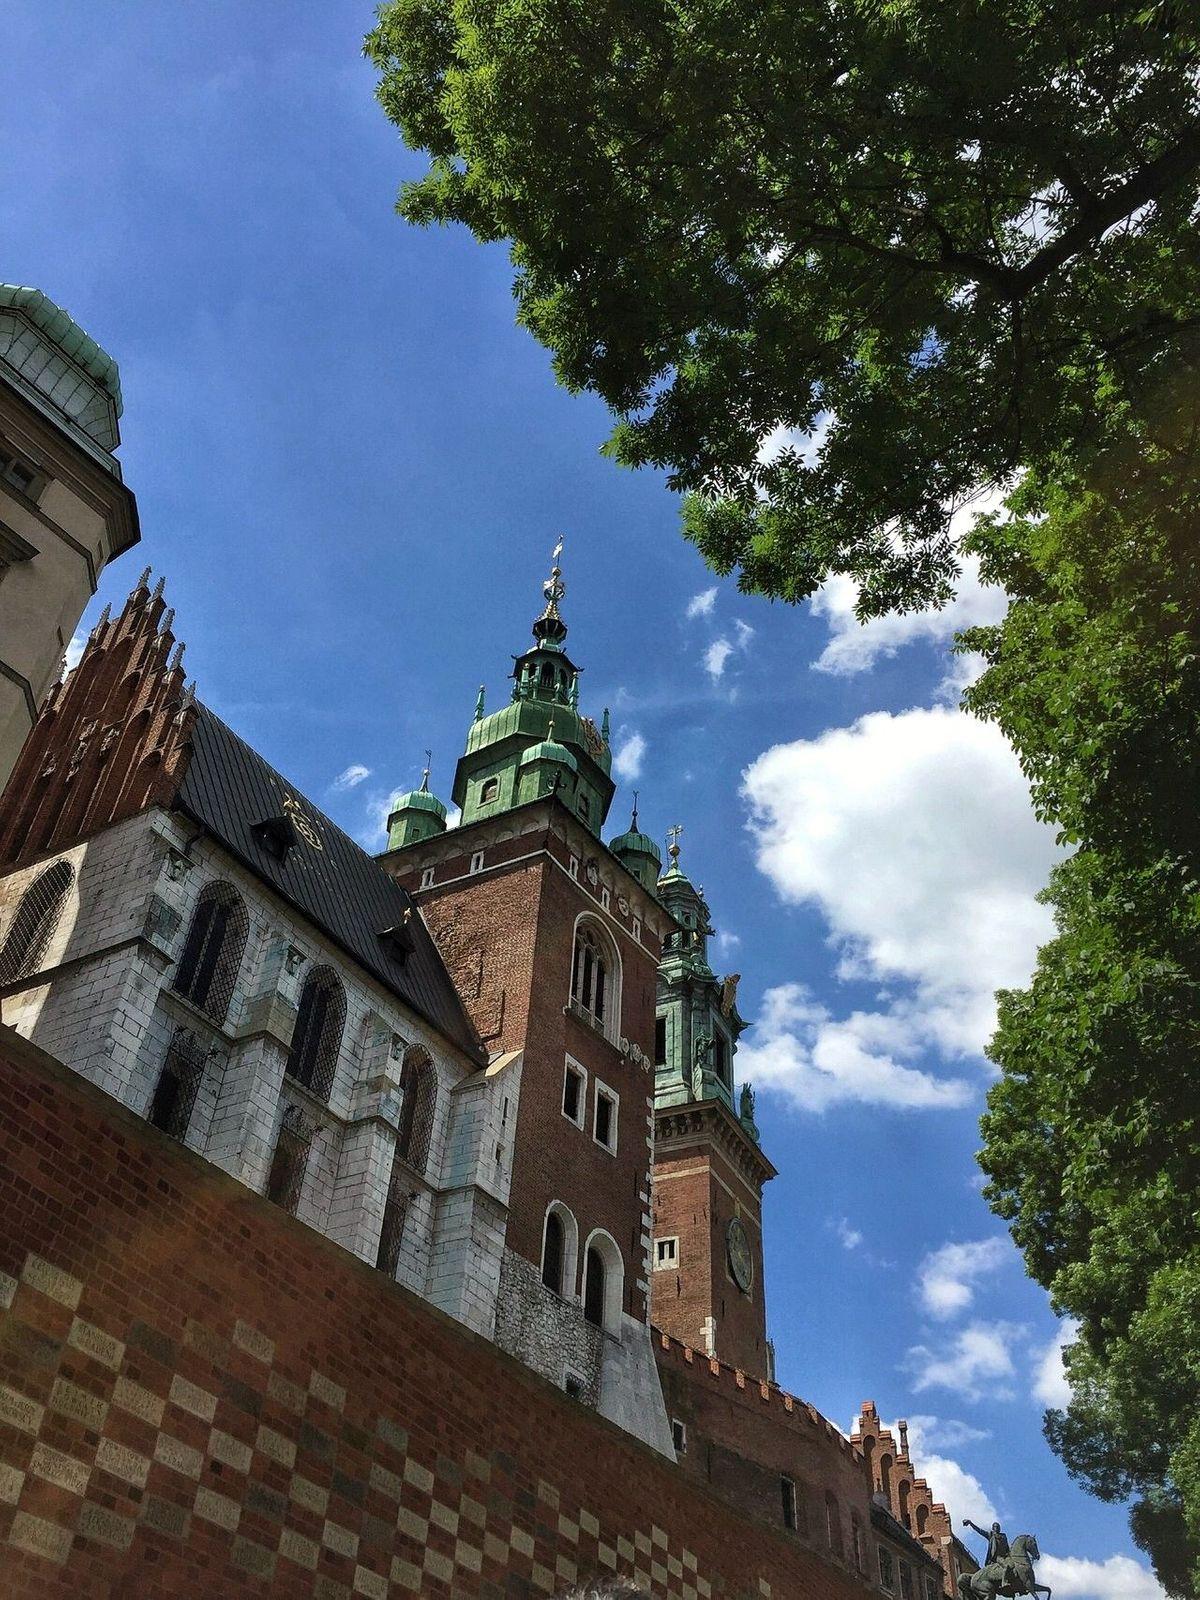 Wavel, a királyi palota. Fotó: Séta Krakkóban